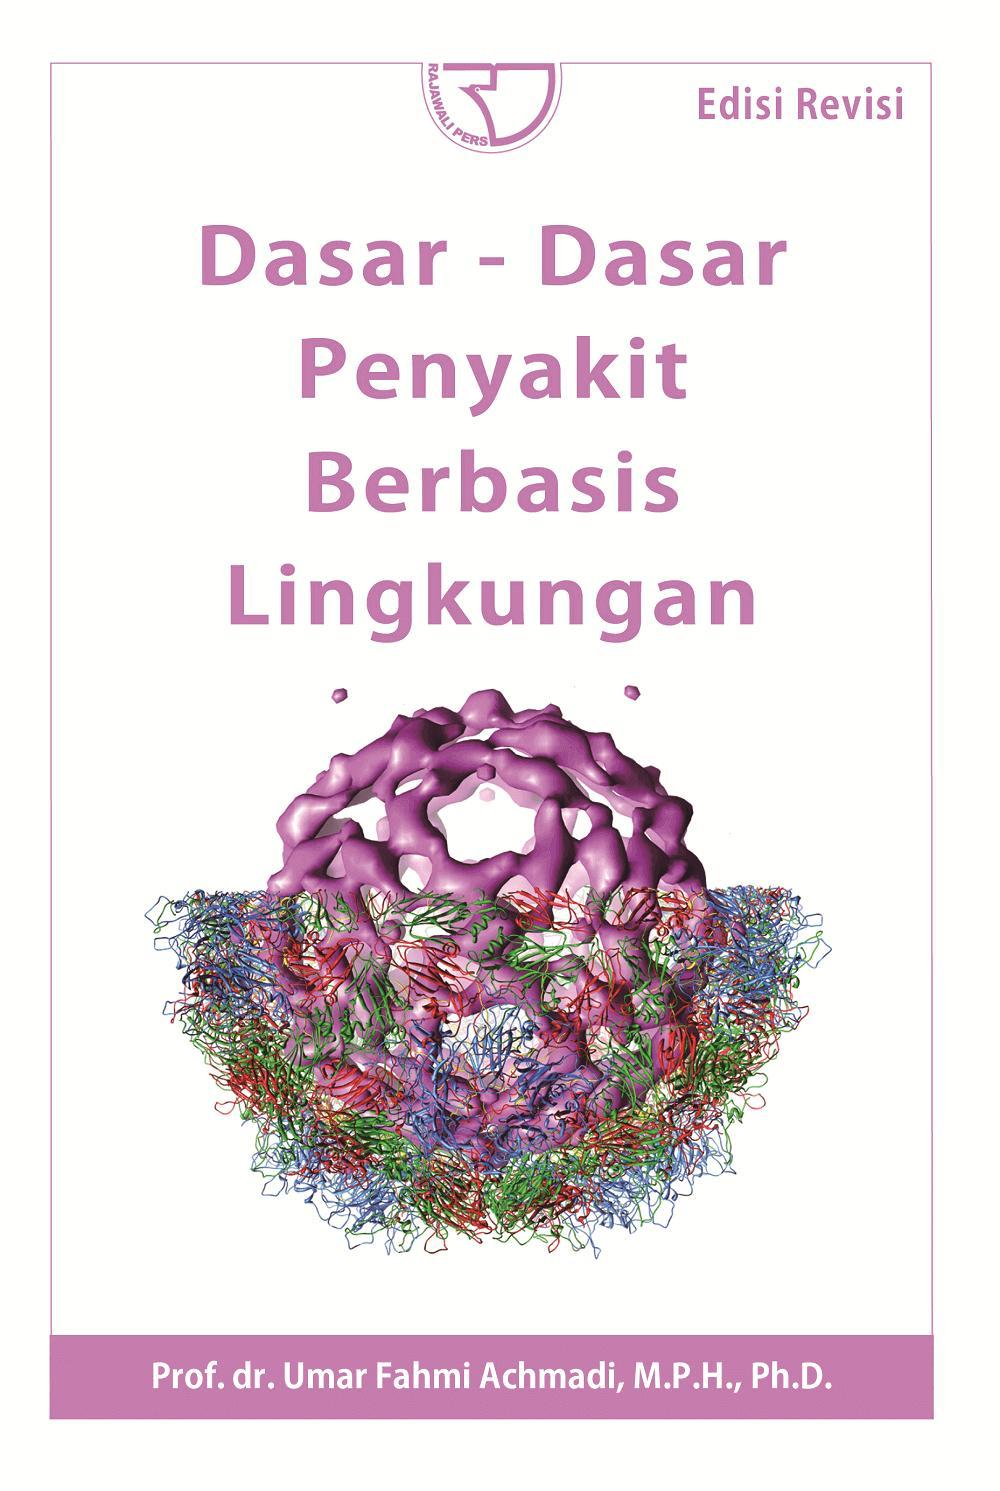 Dasar-Dasar Penyakit Berbasis Lingkungan – Umar Fahmi Achmadi